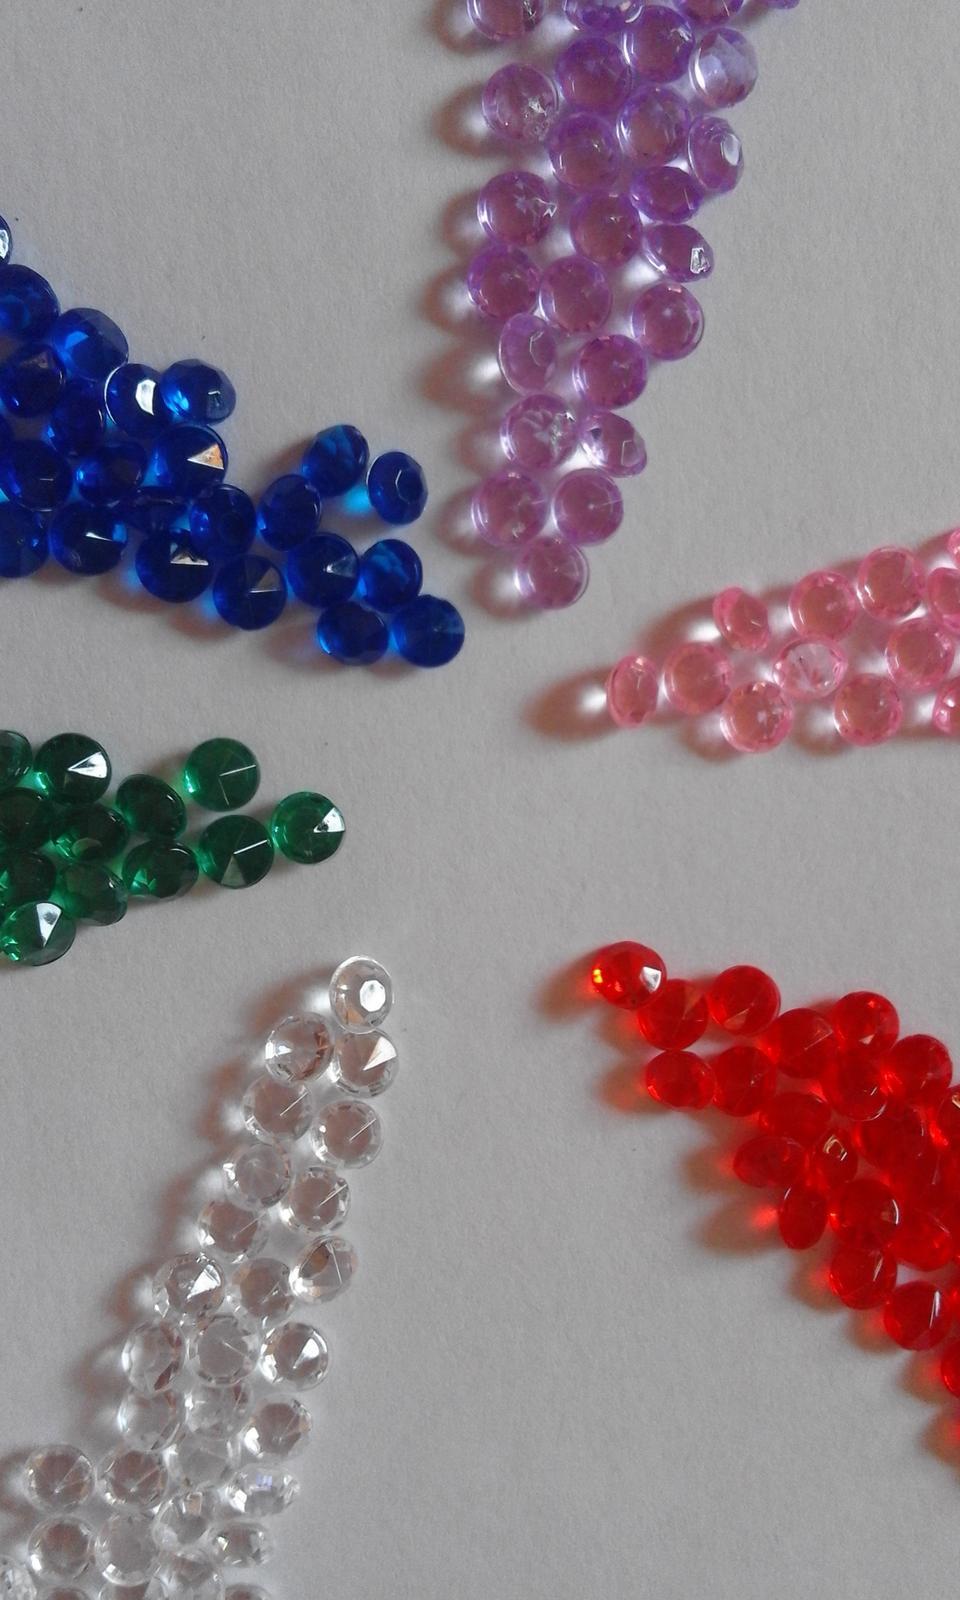 plastové kamínky - diamanty 2000 ks, 4,5 mm - Obrázek č. 1